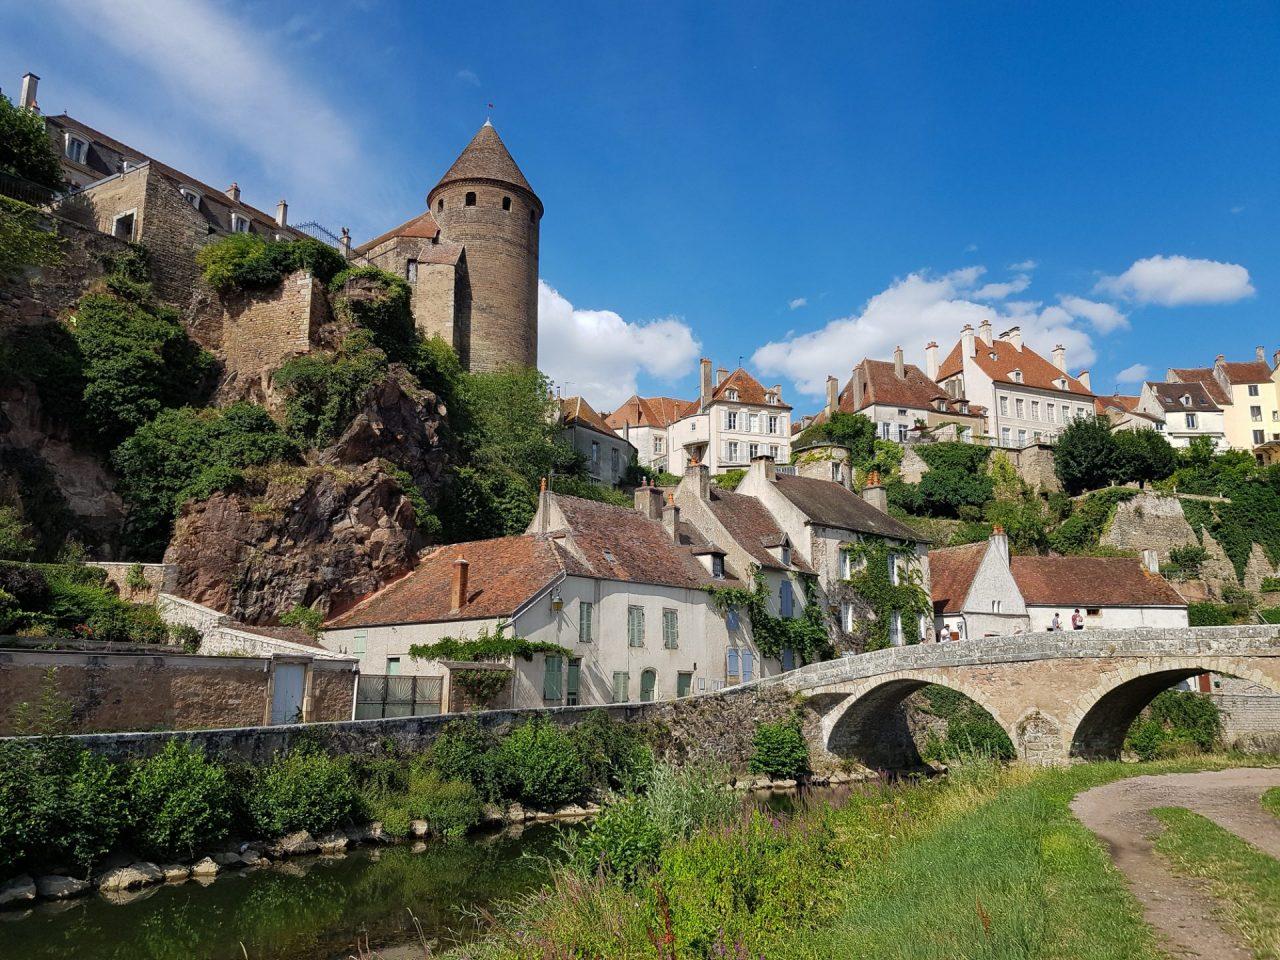 bourgogne-cote-d-or-semur-en-auxois-pont-riviere-armancon-remparts-maisons-samsung